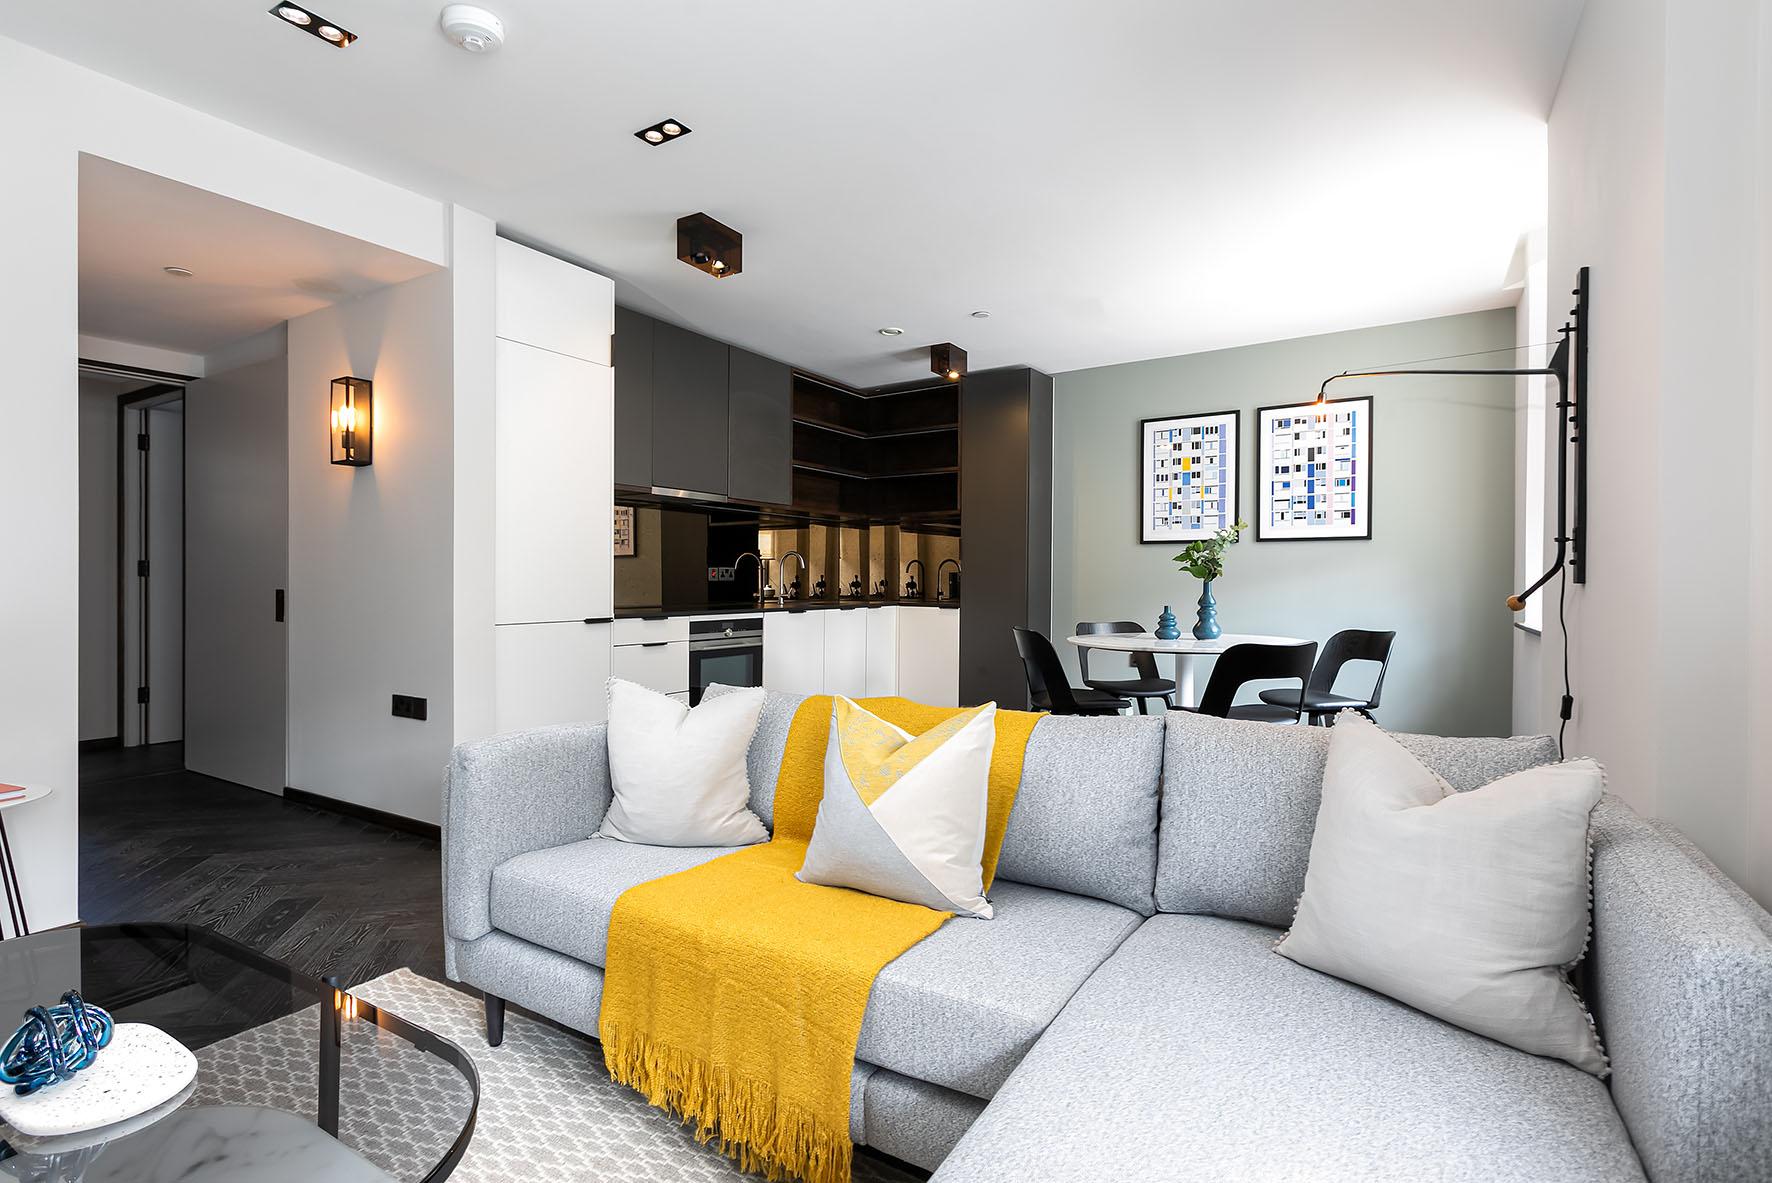 Lovelydays luxury service apartment rental - London - Soho - Oxford Street V - Lovelysuite - 1 bedrooms - 1 bathrooms - Luxury living room - 42dab9d645ff - Lovelydays